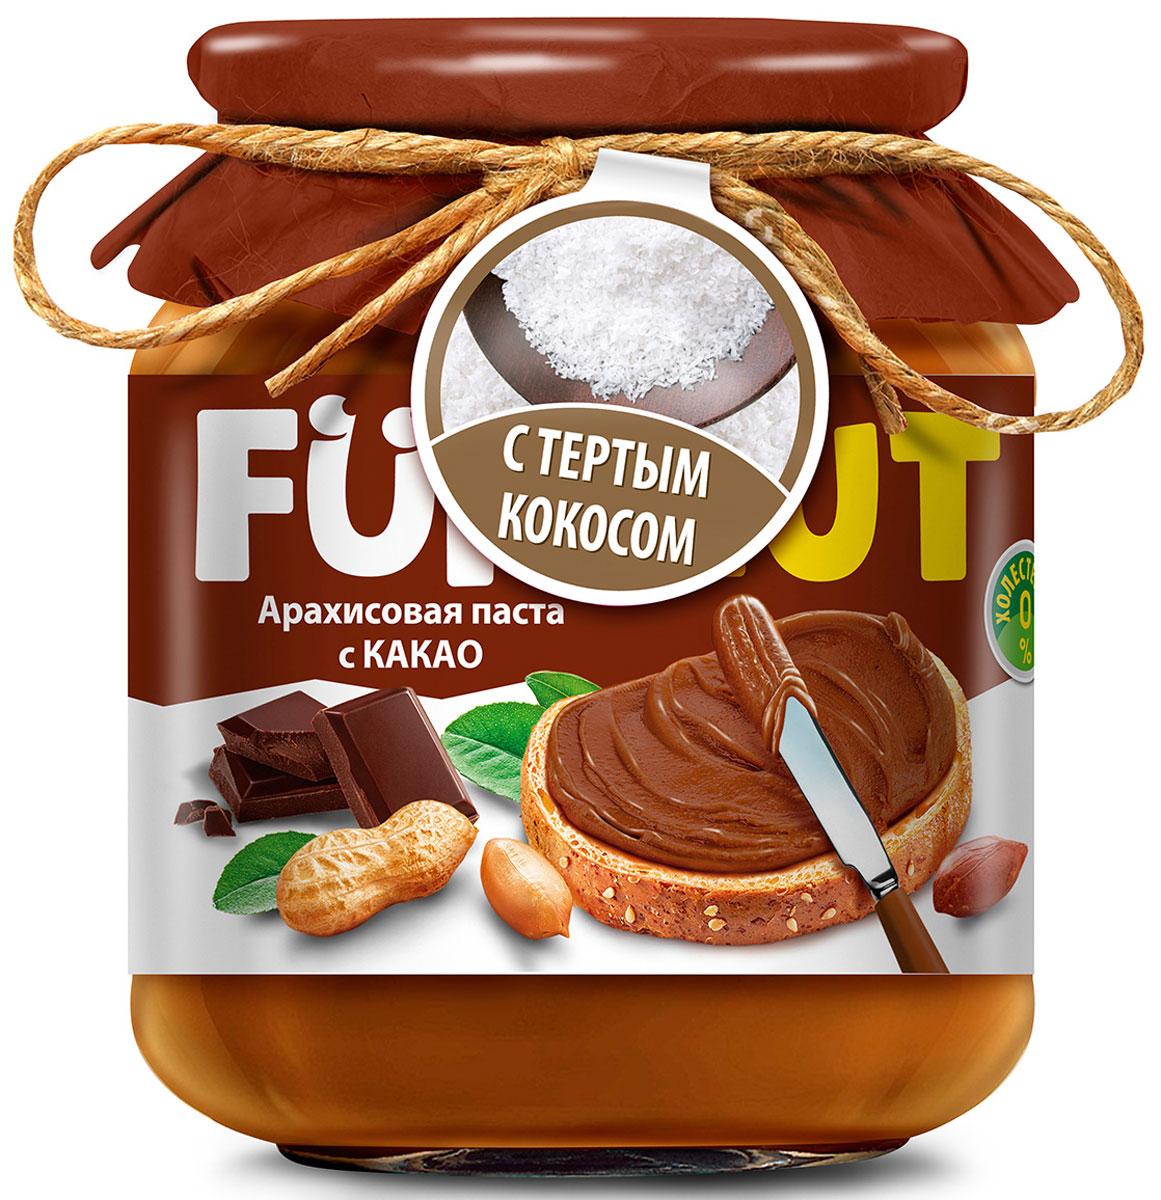 Funnat Арахисовая паста с какао с добавлением кокоса, 340 г0120710Арахисовая паста Funnat давно и широко распространена в США и вВеликобритании. Эта ореховая паста приготовлена из поджаренного арахиса, нежной текстуры. Благодаря содержанию легкоусвояемых белков и жиров, арахисовая паста может конкурировать по питательности с продуктами животного происхождения. Она сытная и полезная, и в то же время препятствует перееданию.